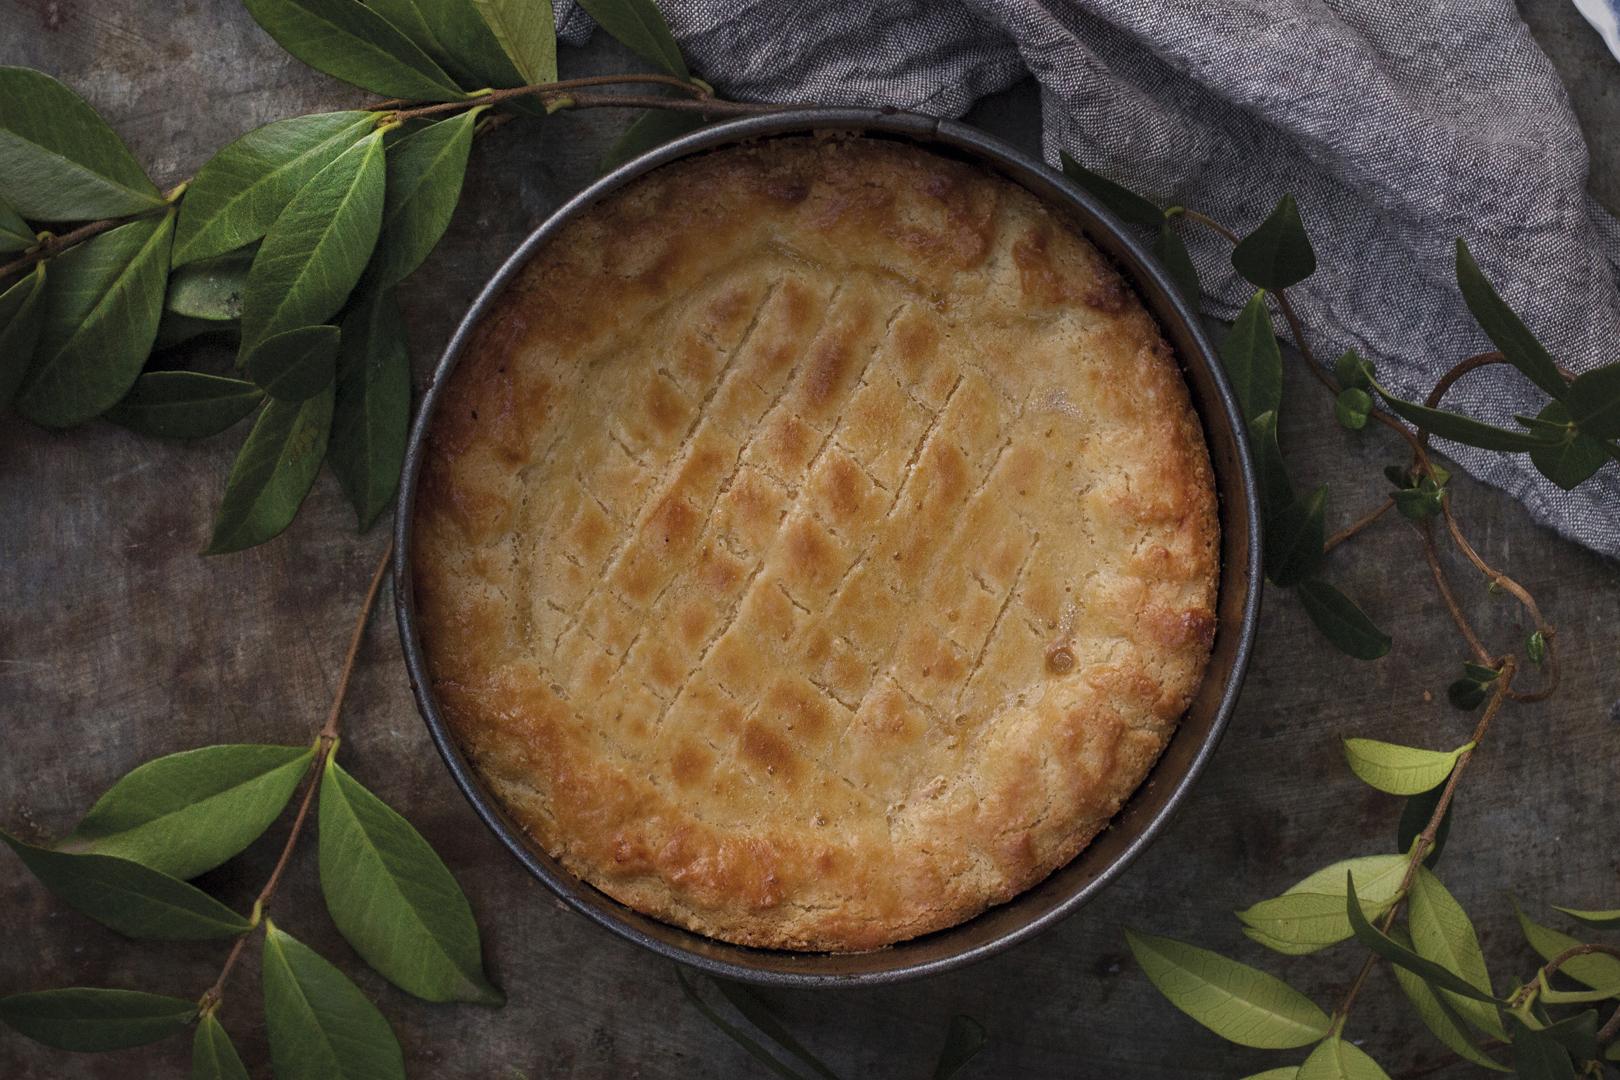 recetas-pastel-vasco-cocinas-santos-santiago-interiores-02